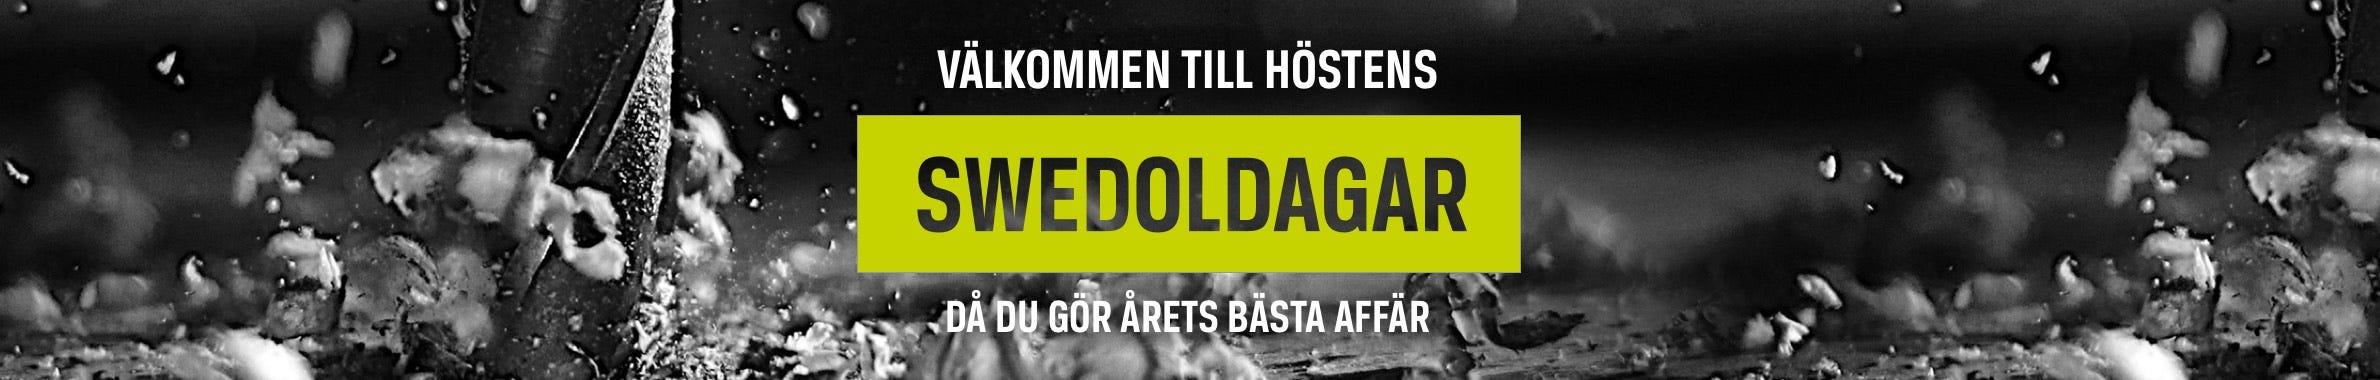 Swedoldag